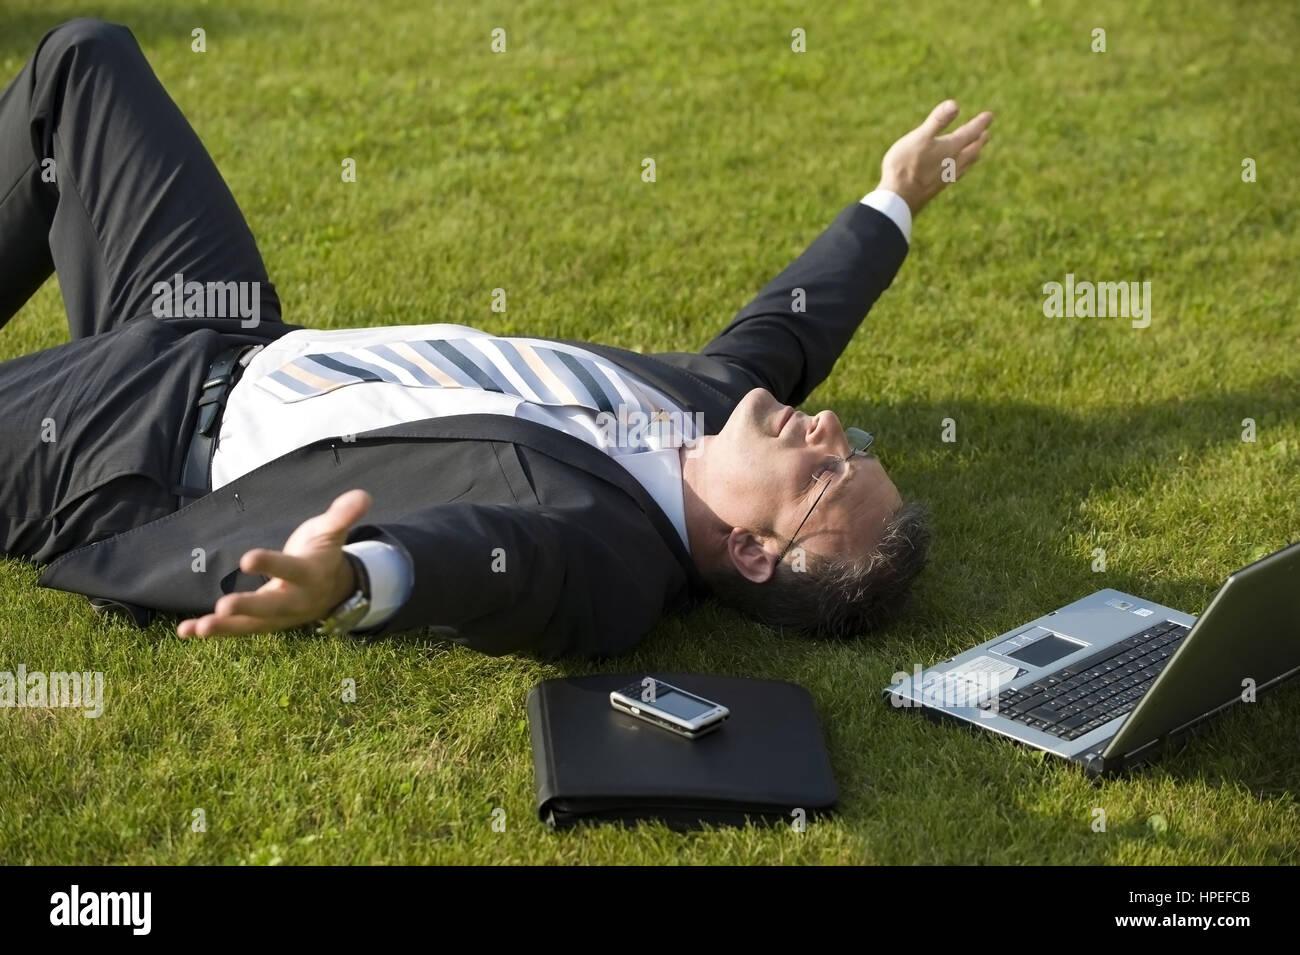 Model released , Geschaeftsmann rastet in der Wiese - businessman relaxing in meadow Stock Photo